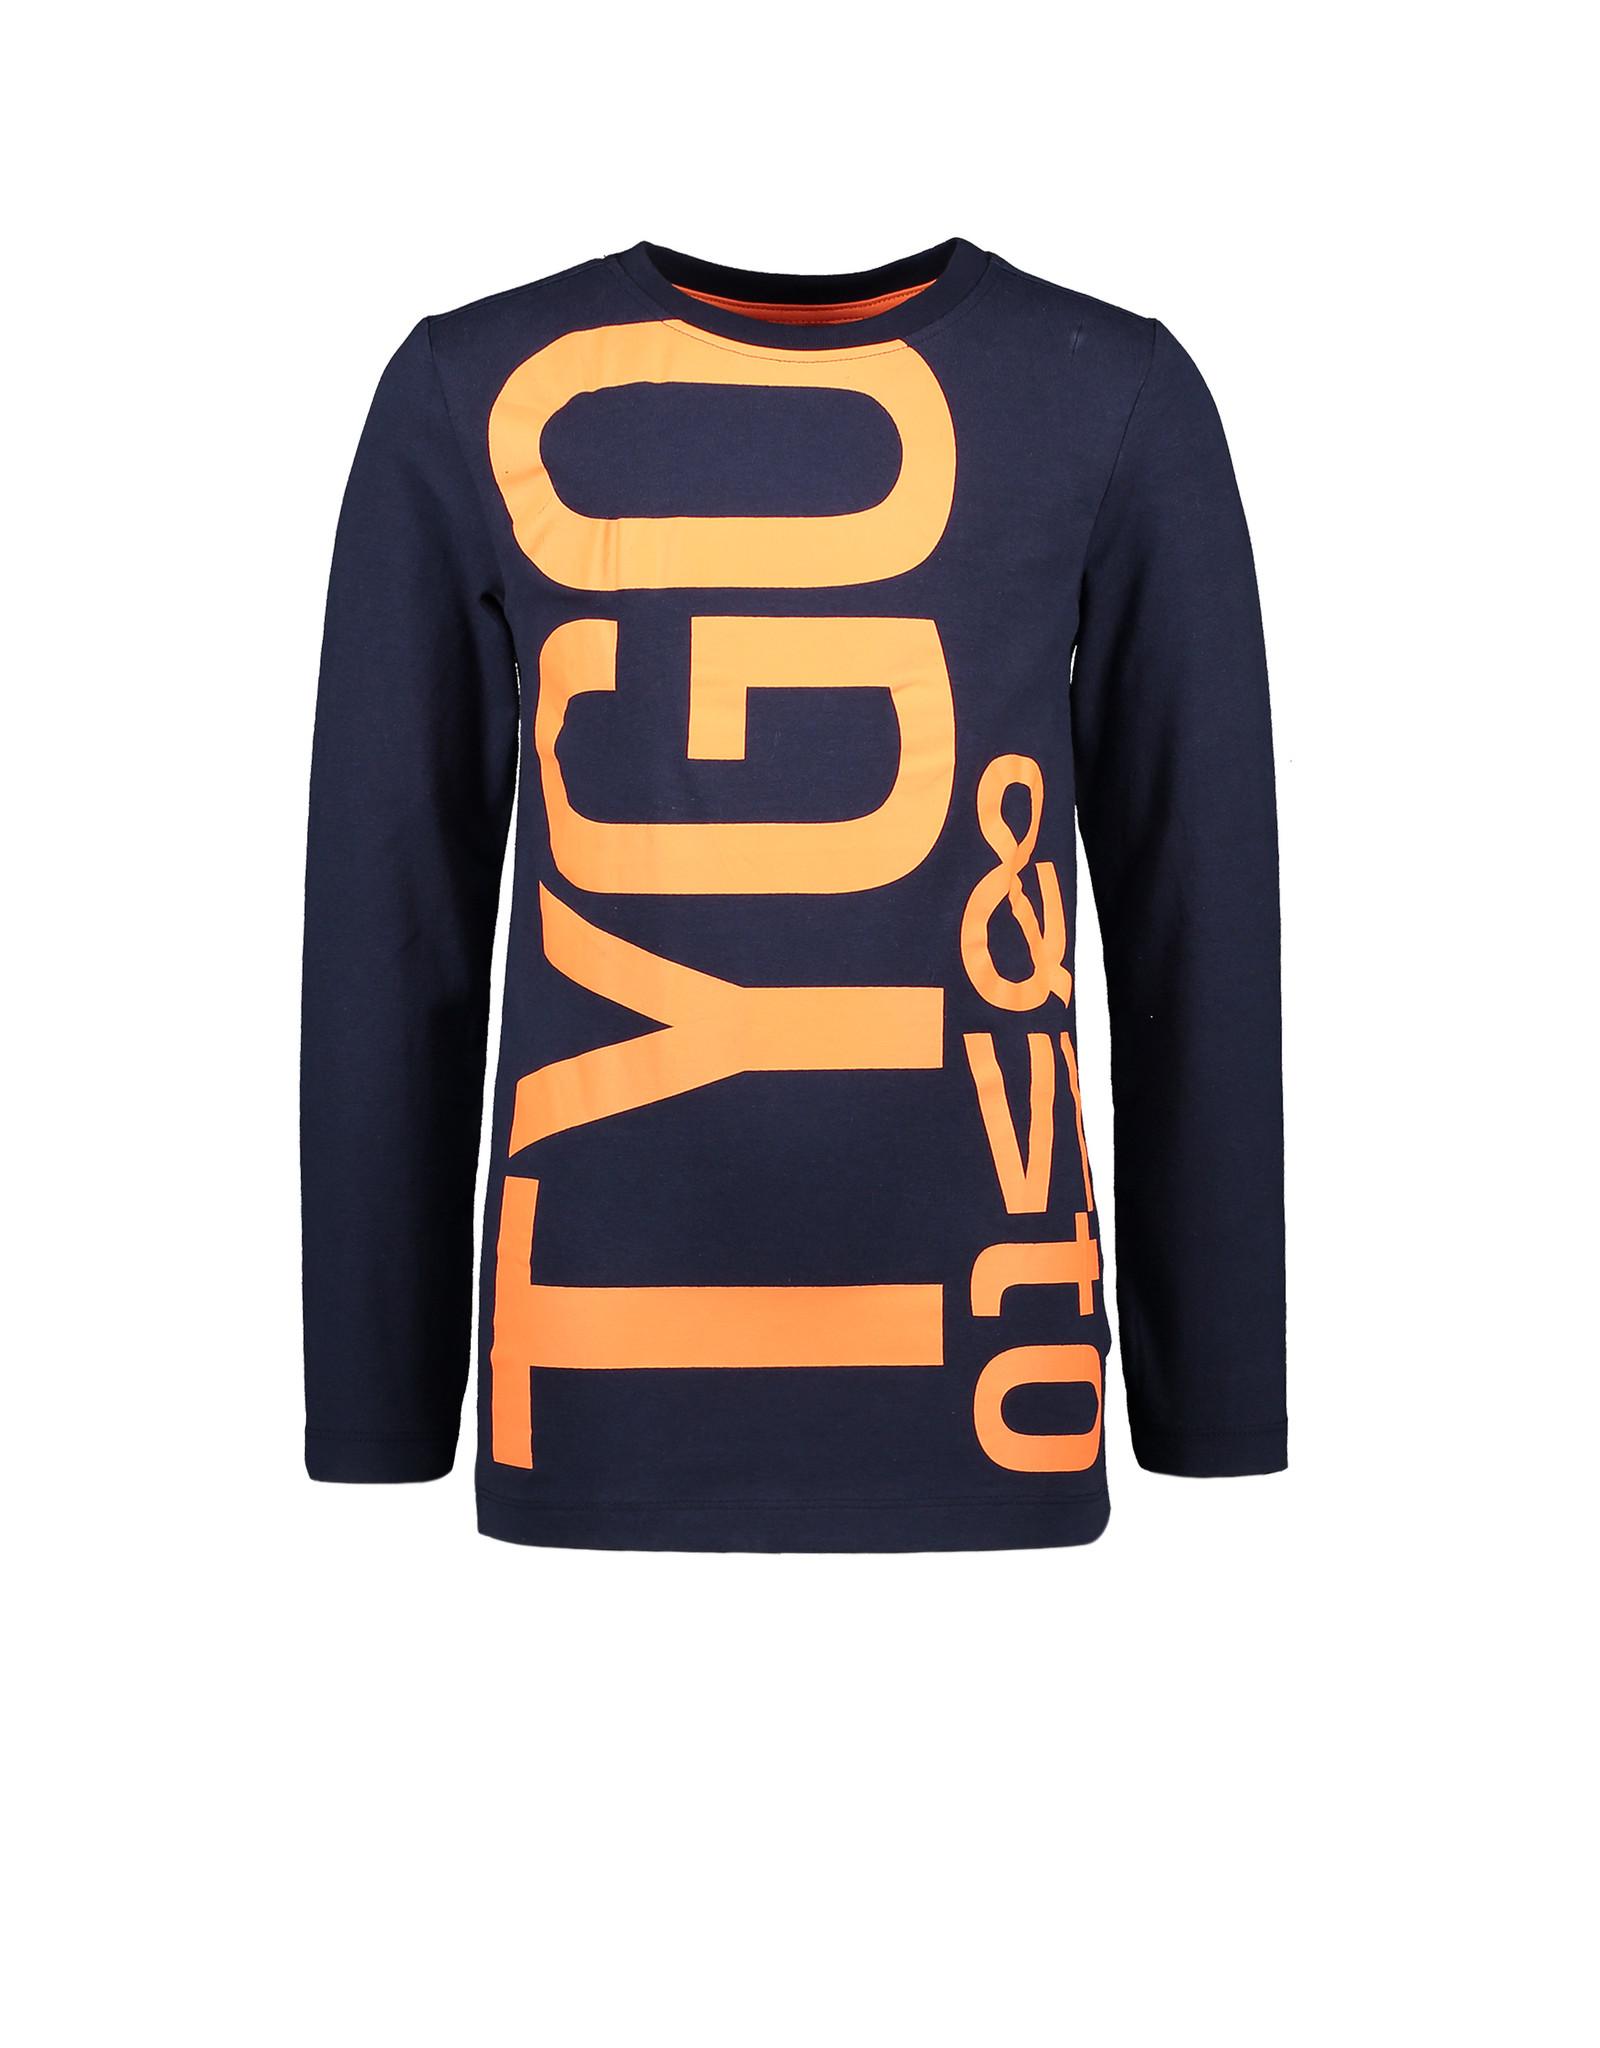 TYGO & Vito TYGO & Vito Longsleeve Navy